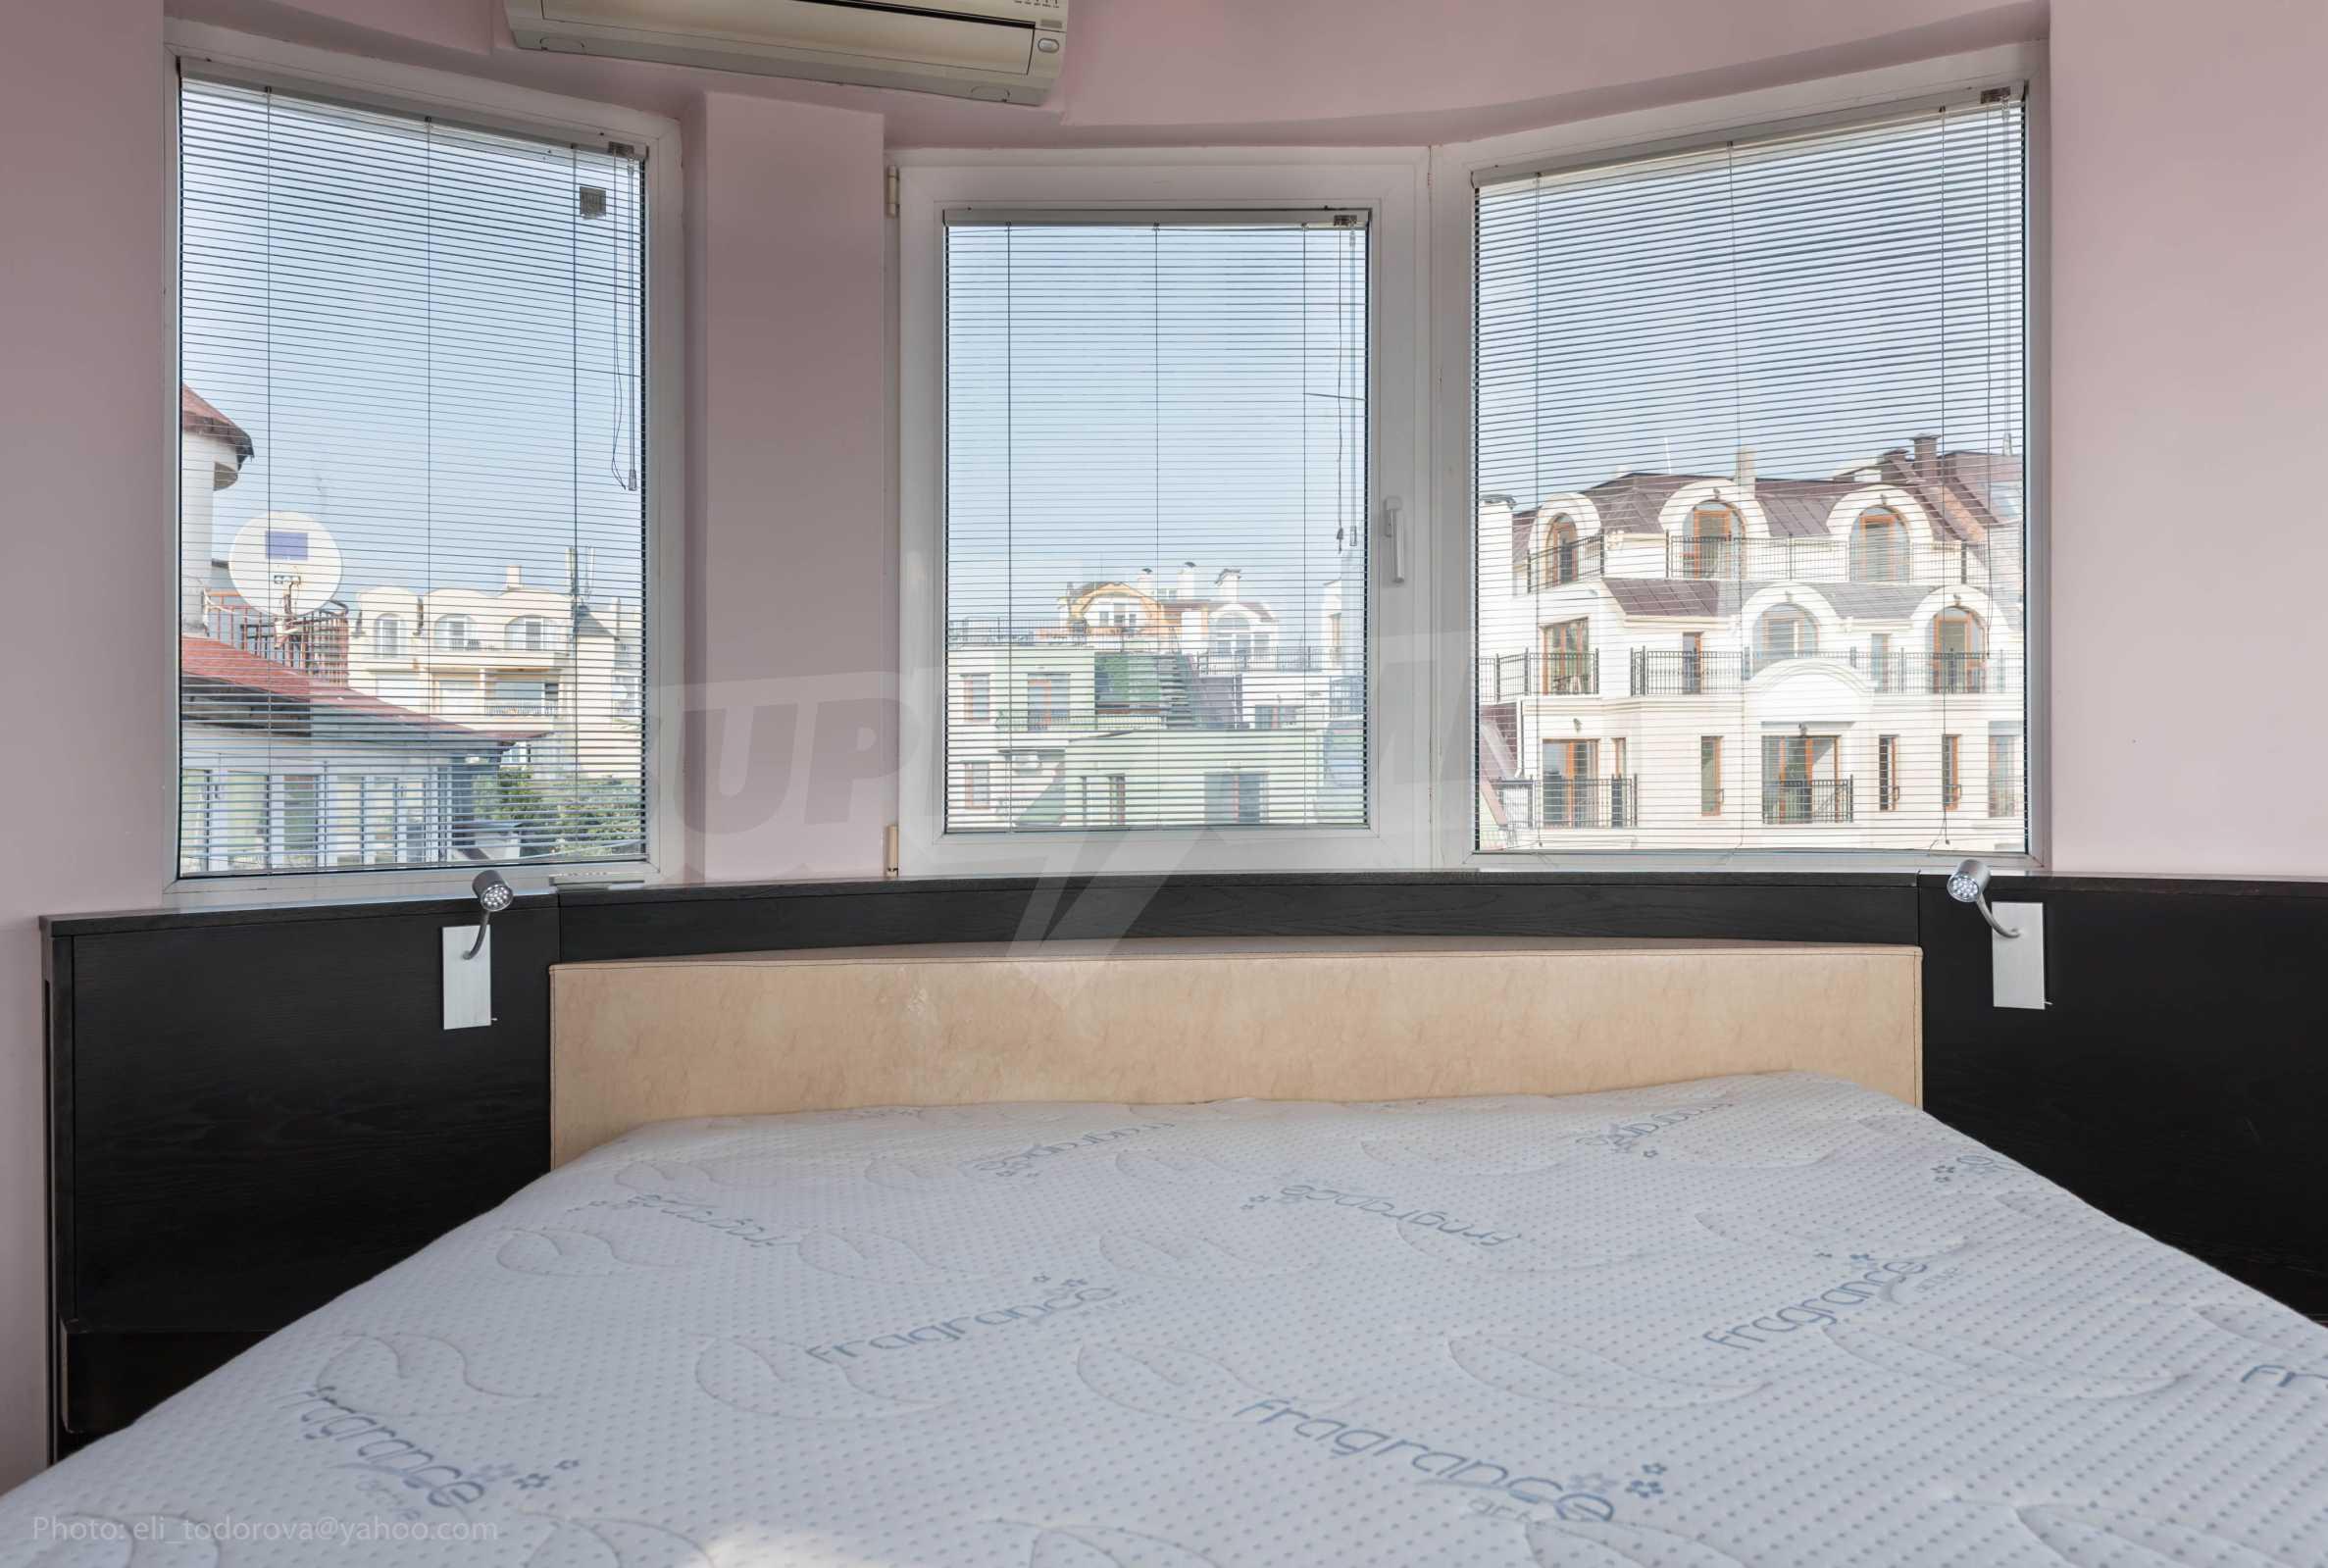 Квартира «Миша» - отличная трехкомнатная недвижимость в идеальном центре. 18